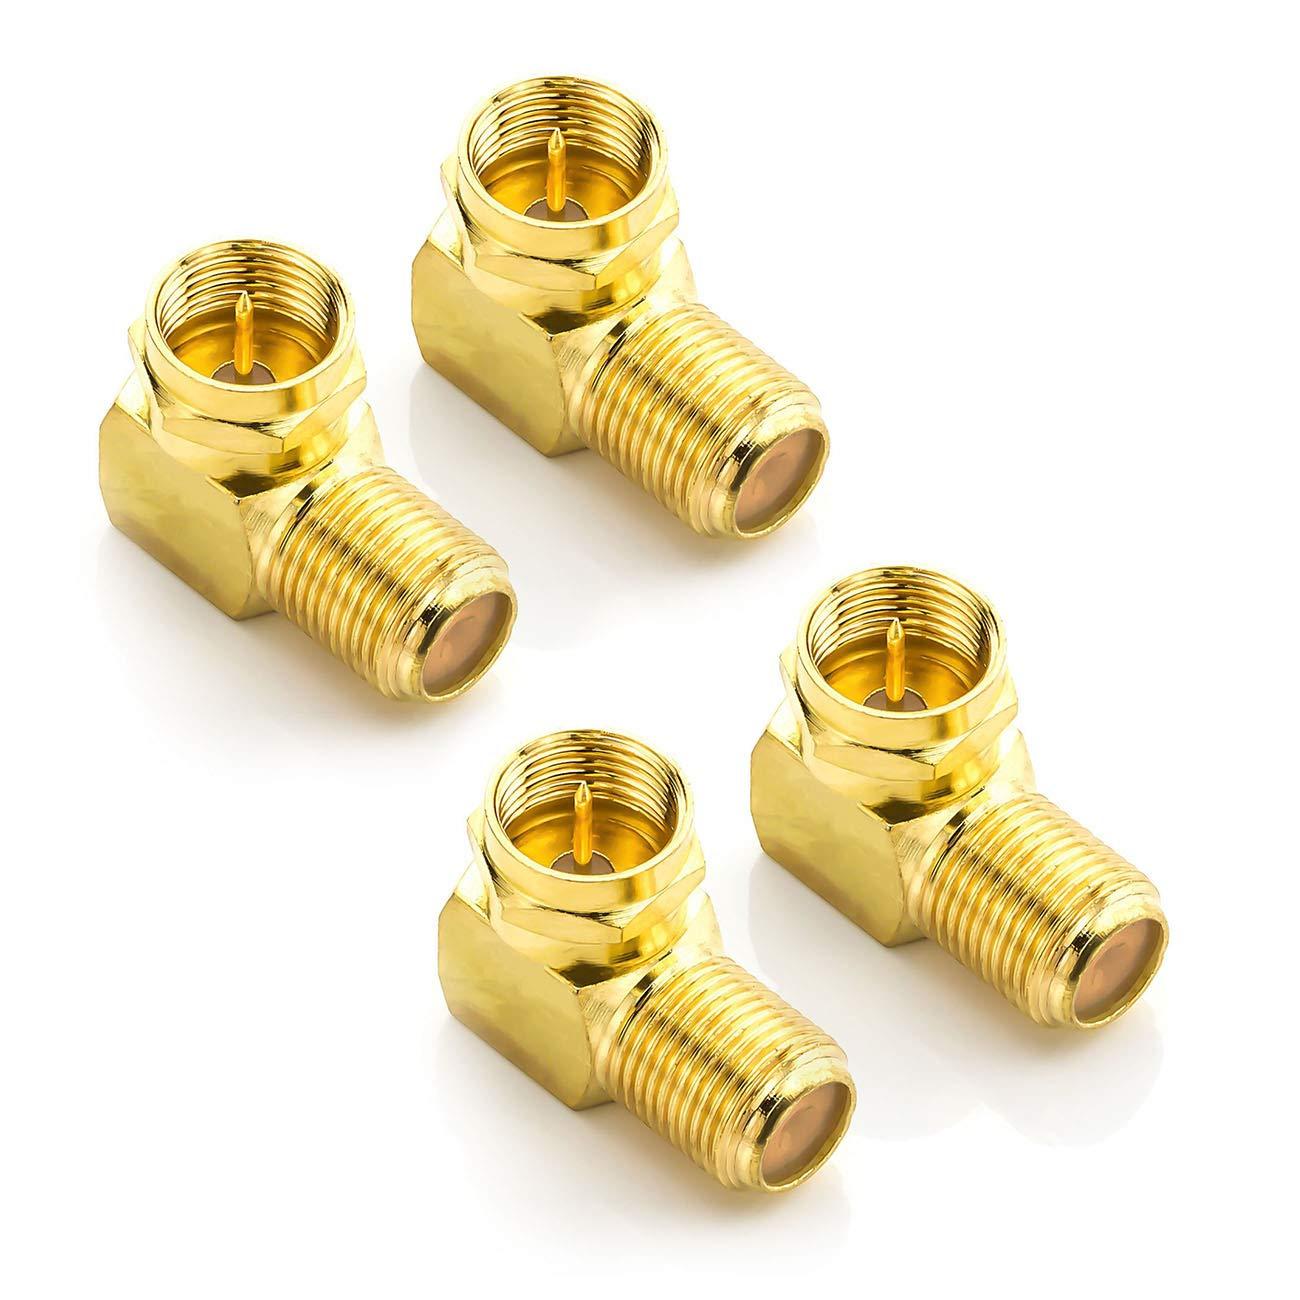 deleyCON 6X Adaptador de /Ángulo Sat 90/° Grados para Cable Coaxial 7mm Adaptador F Socket F por Cable v/ía Sat/élite Enganche Enchufe /Ángulo F Chapado en Oro 6 Piezas